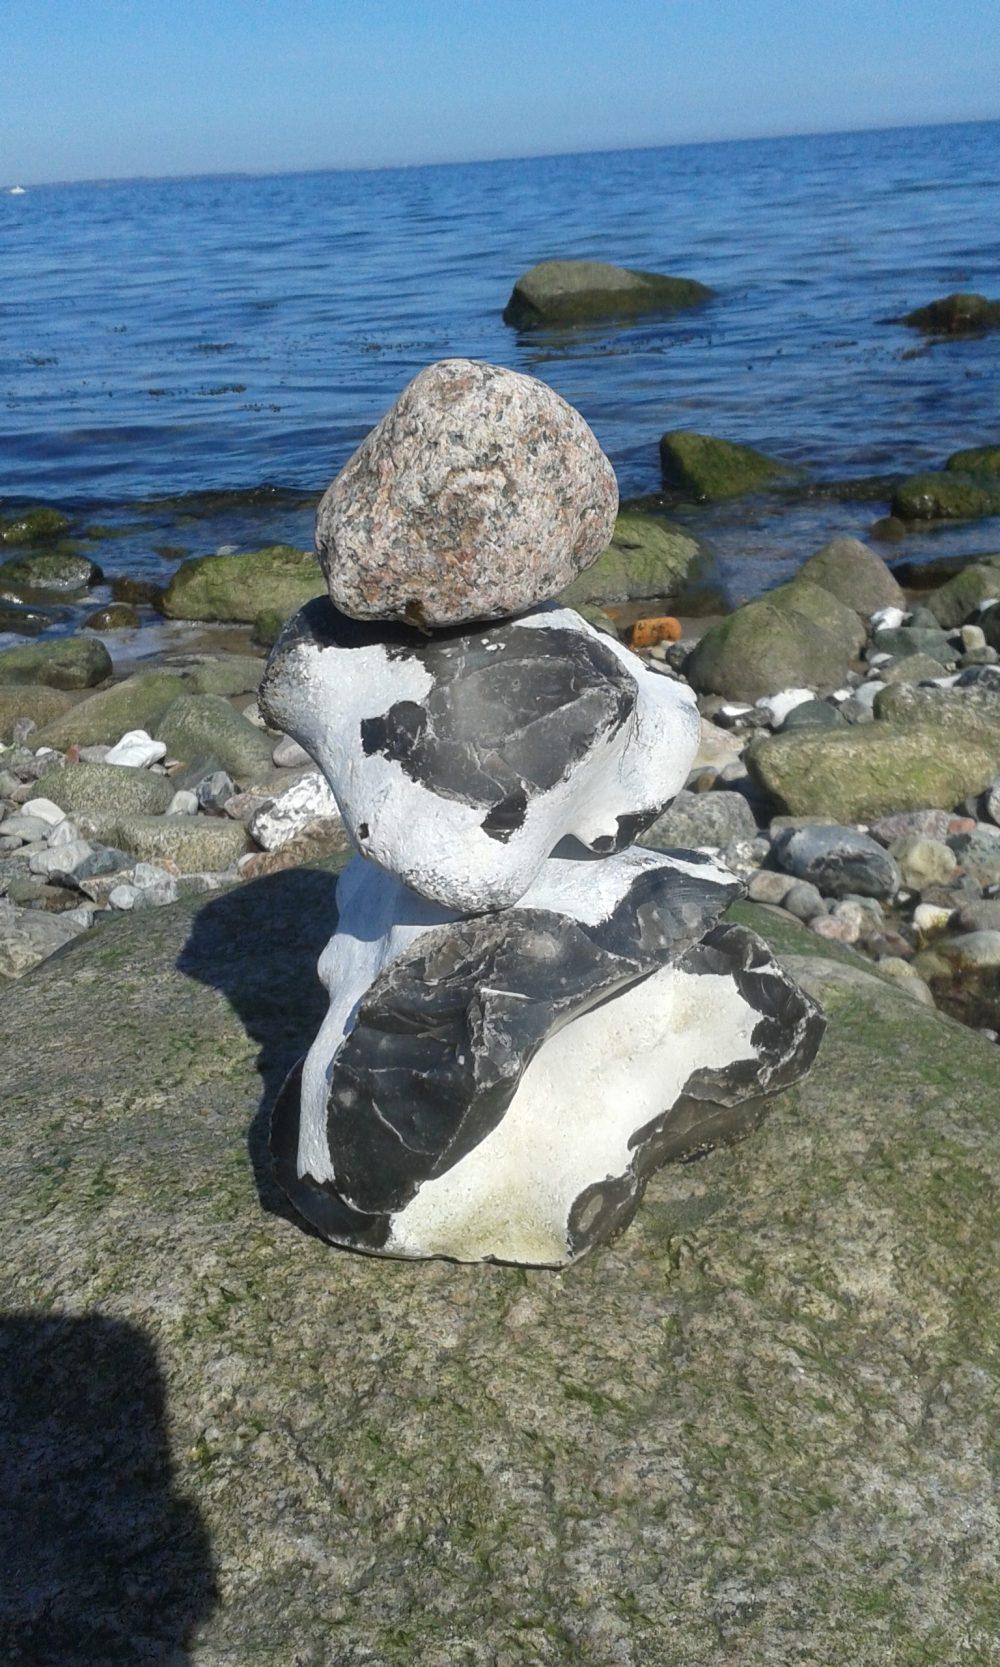 Aufgeschichtete Steine. Im Hintergrund das blaue Meer